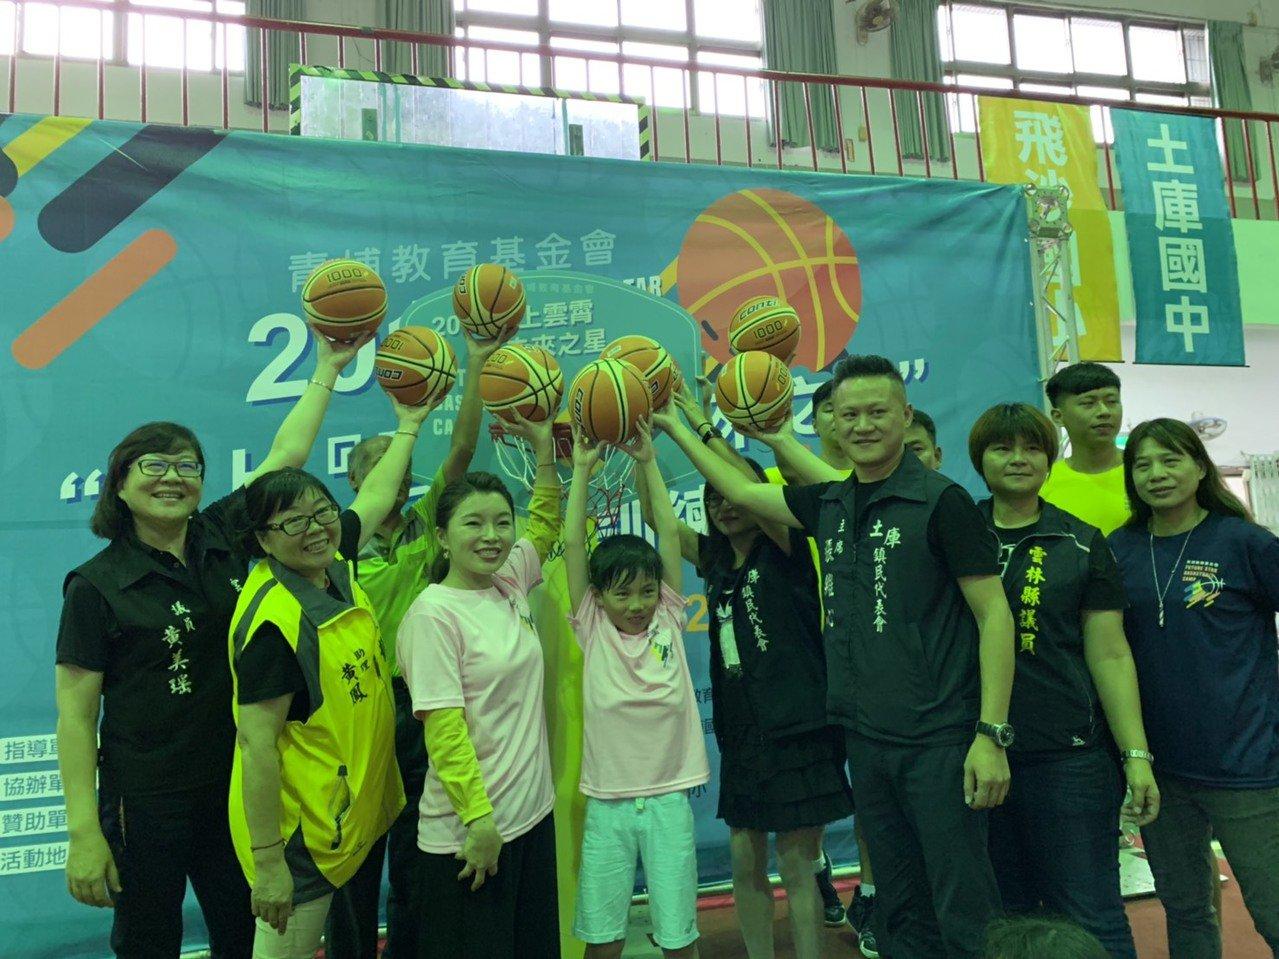 基埔基金會董事長張嘉郡(左三)主持開球儀式。記者蔡維斌/攝影